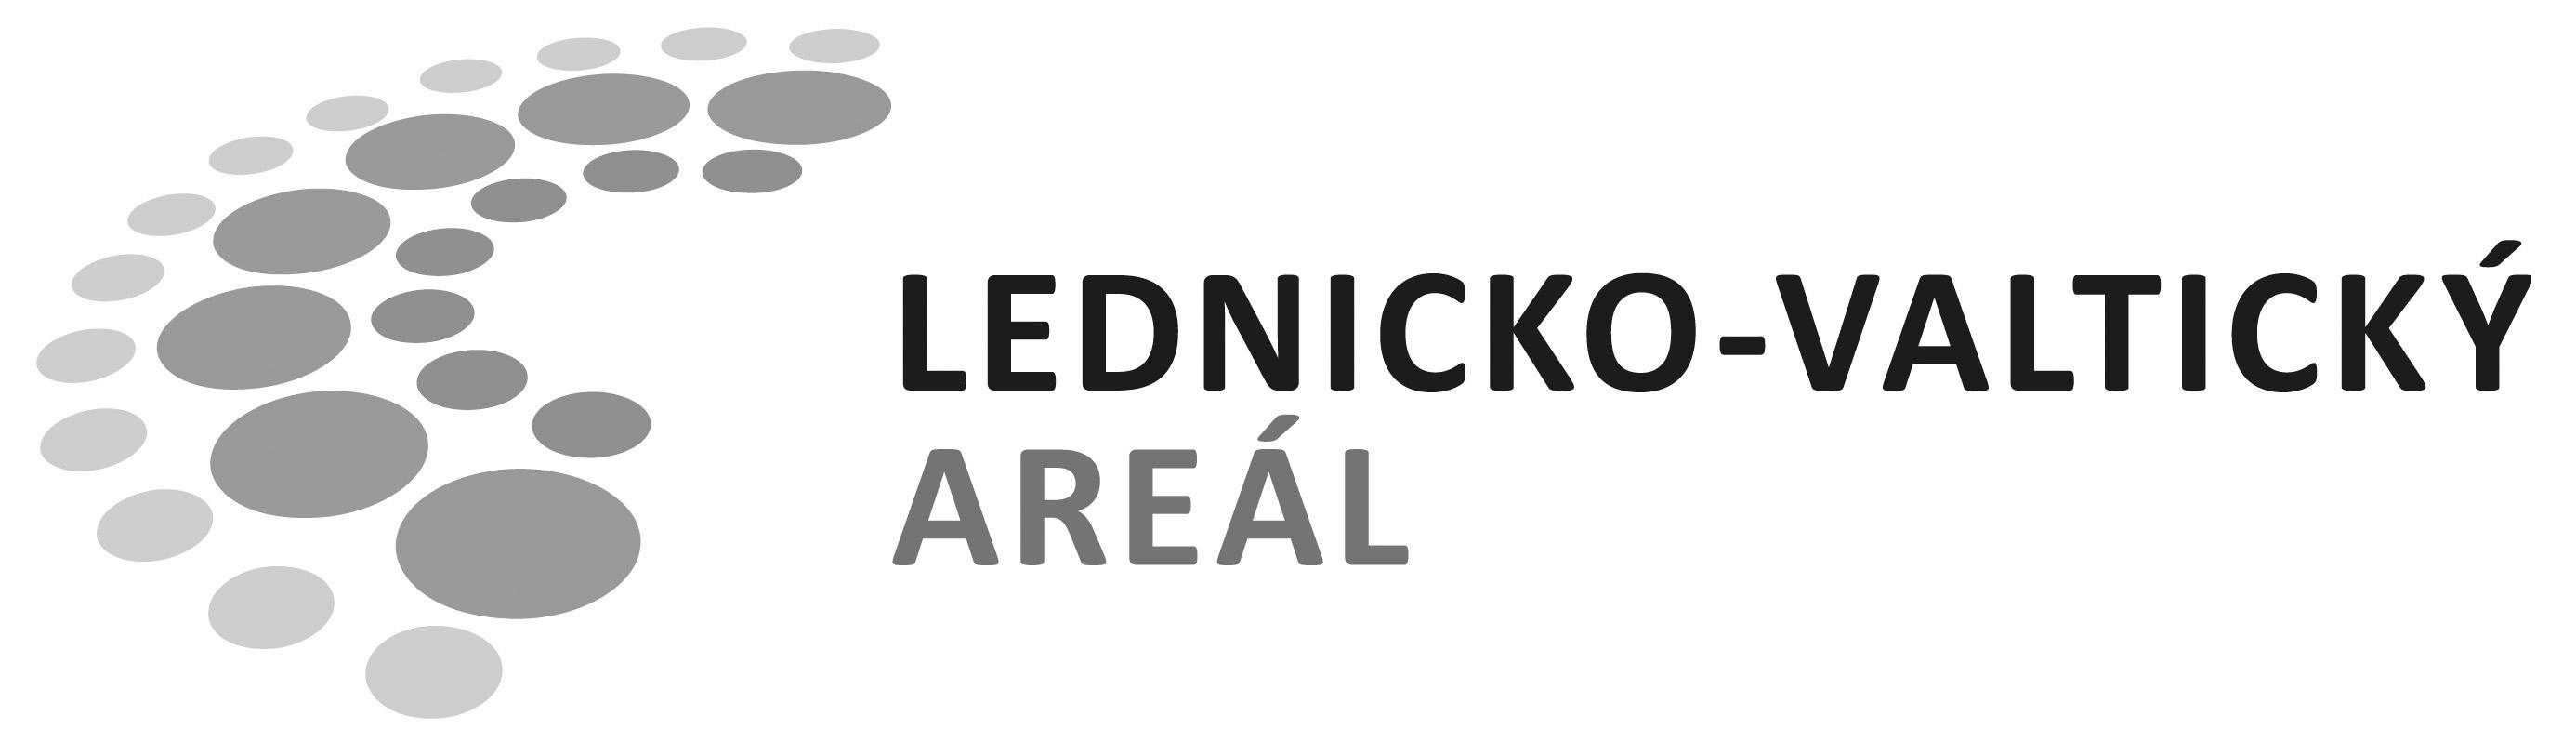 Lednickov-valtický areal